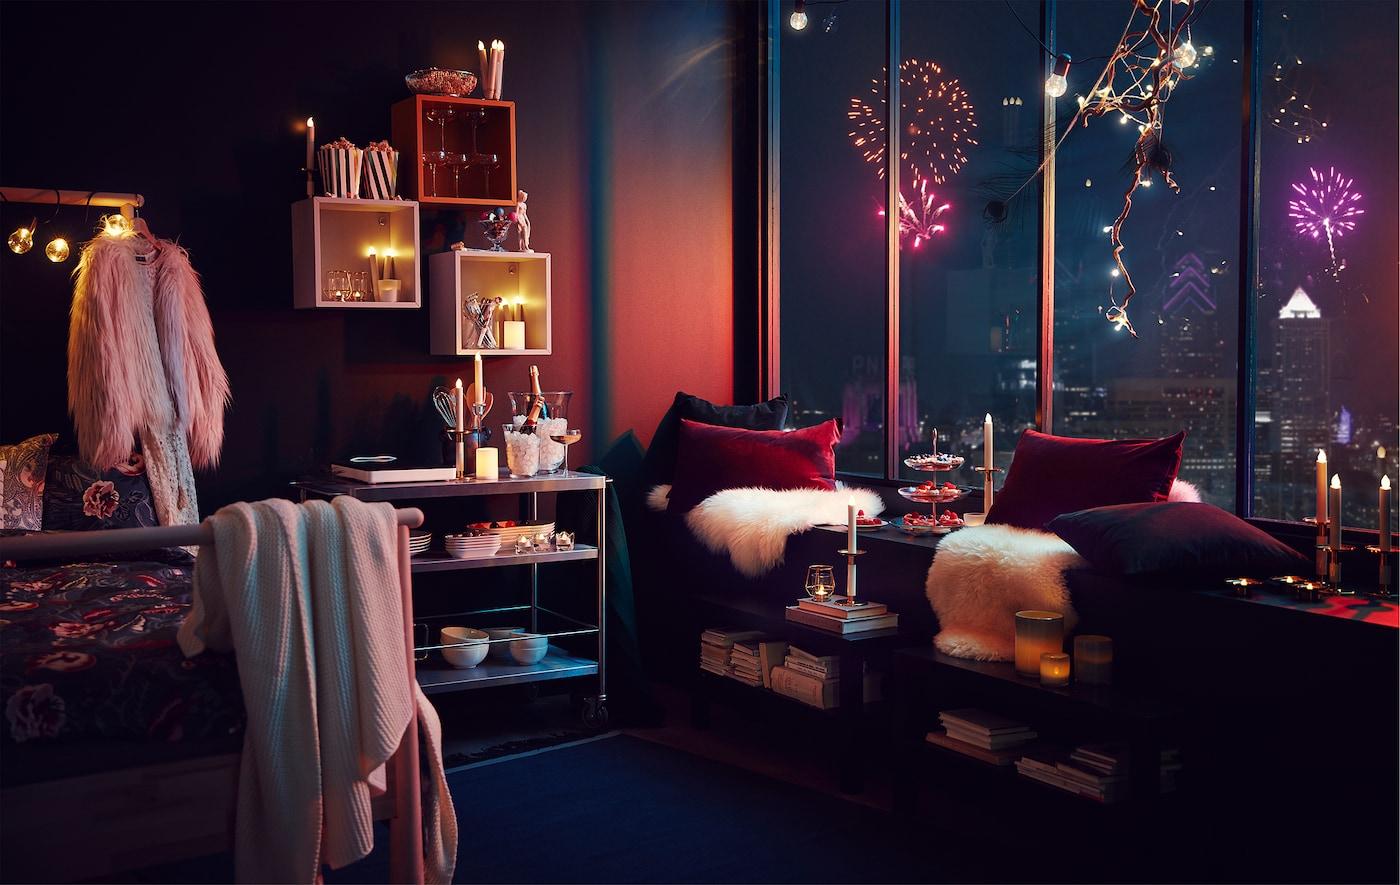 Interior de um apartamento com iluminação e decorações festivas. Fogo de artifício sobre uma cidade visível através de janelas altas.